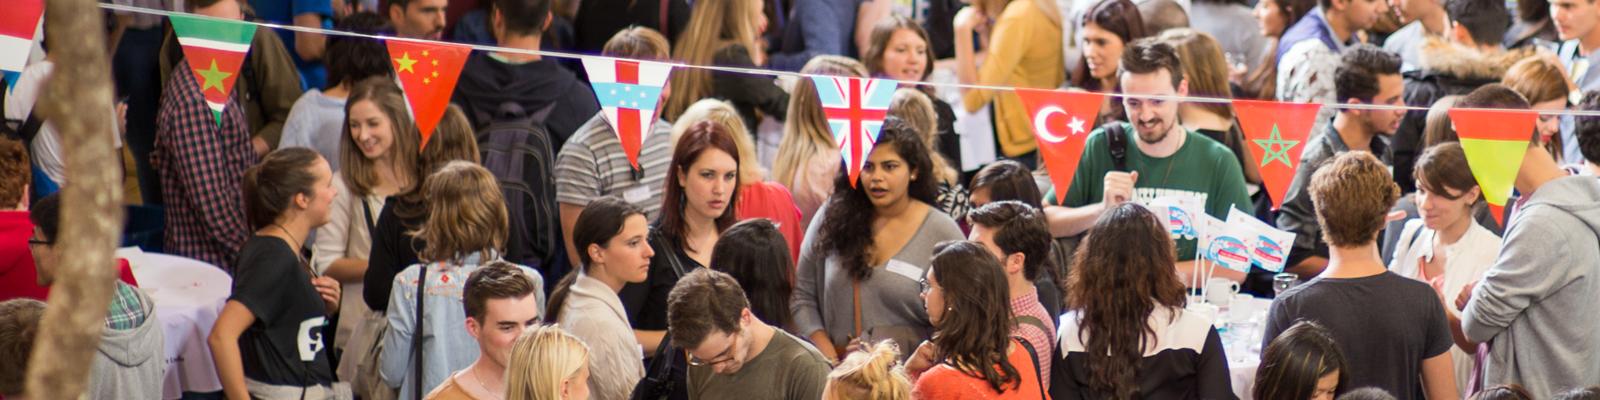 Introductie-activiteit voor internationale studenten.